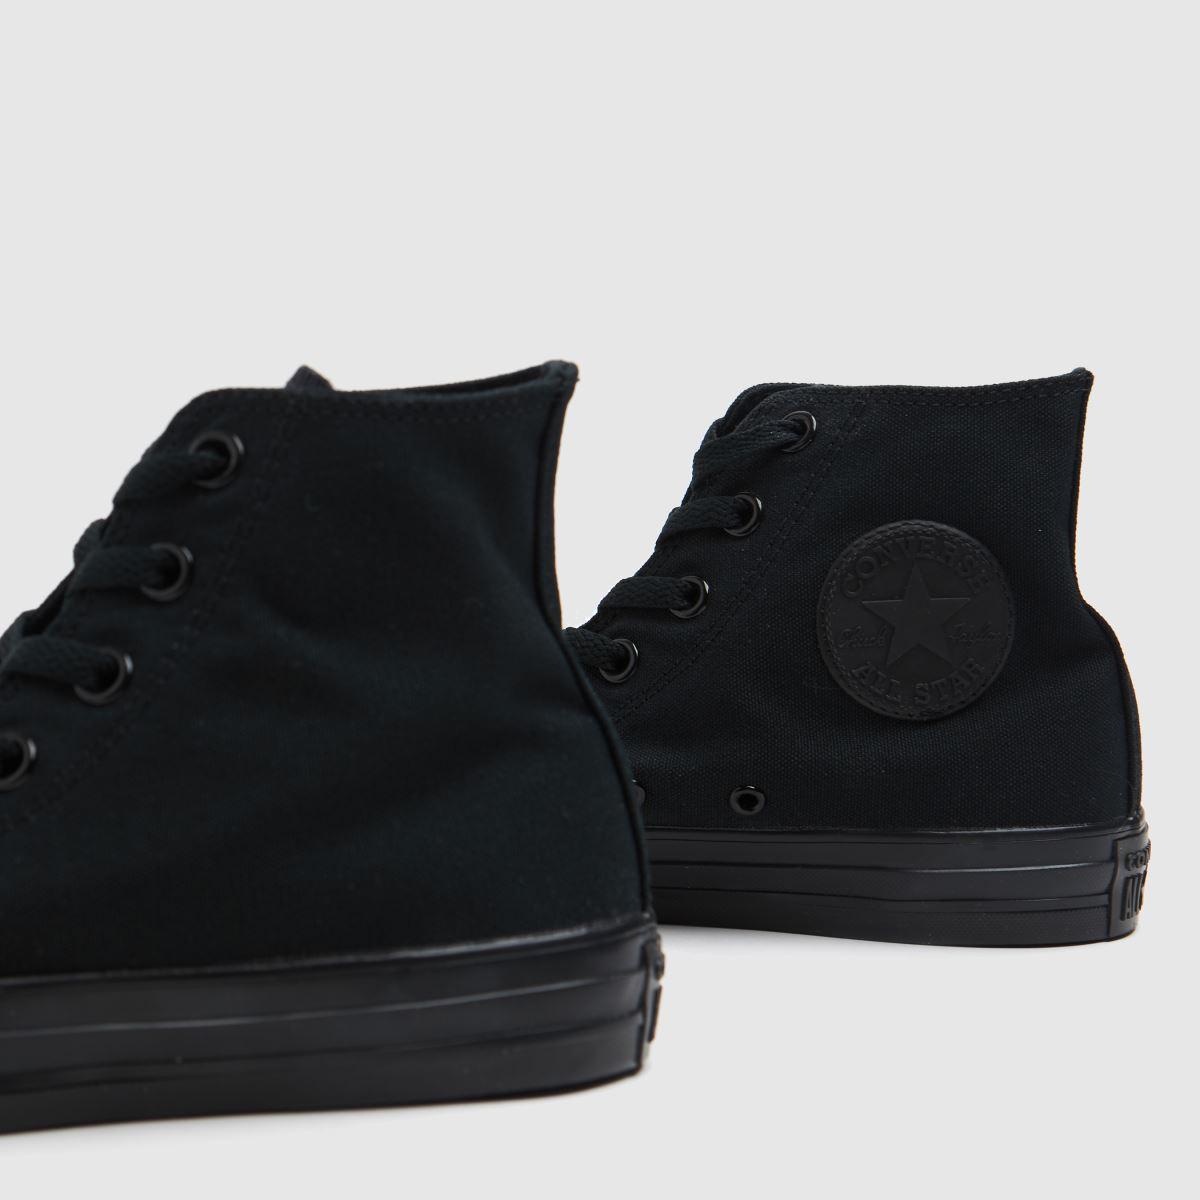 Damen Schwarz converse All Star Hi Sneaker beliebte | schuh Gute Qualität beliebte Sneaker Schuhe 2ba249